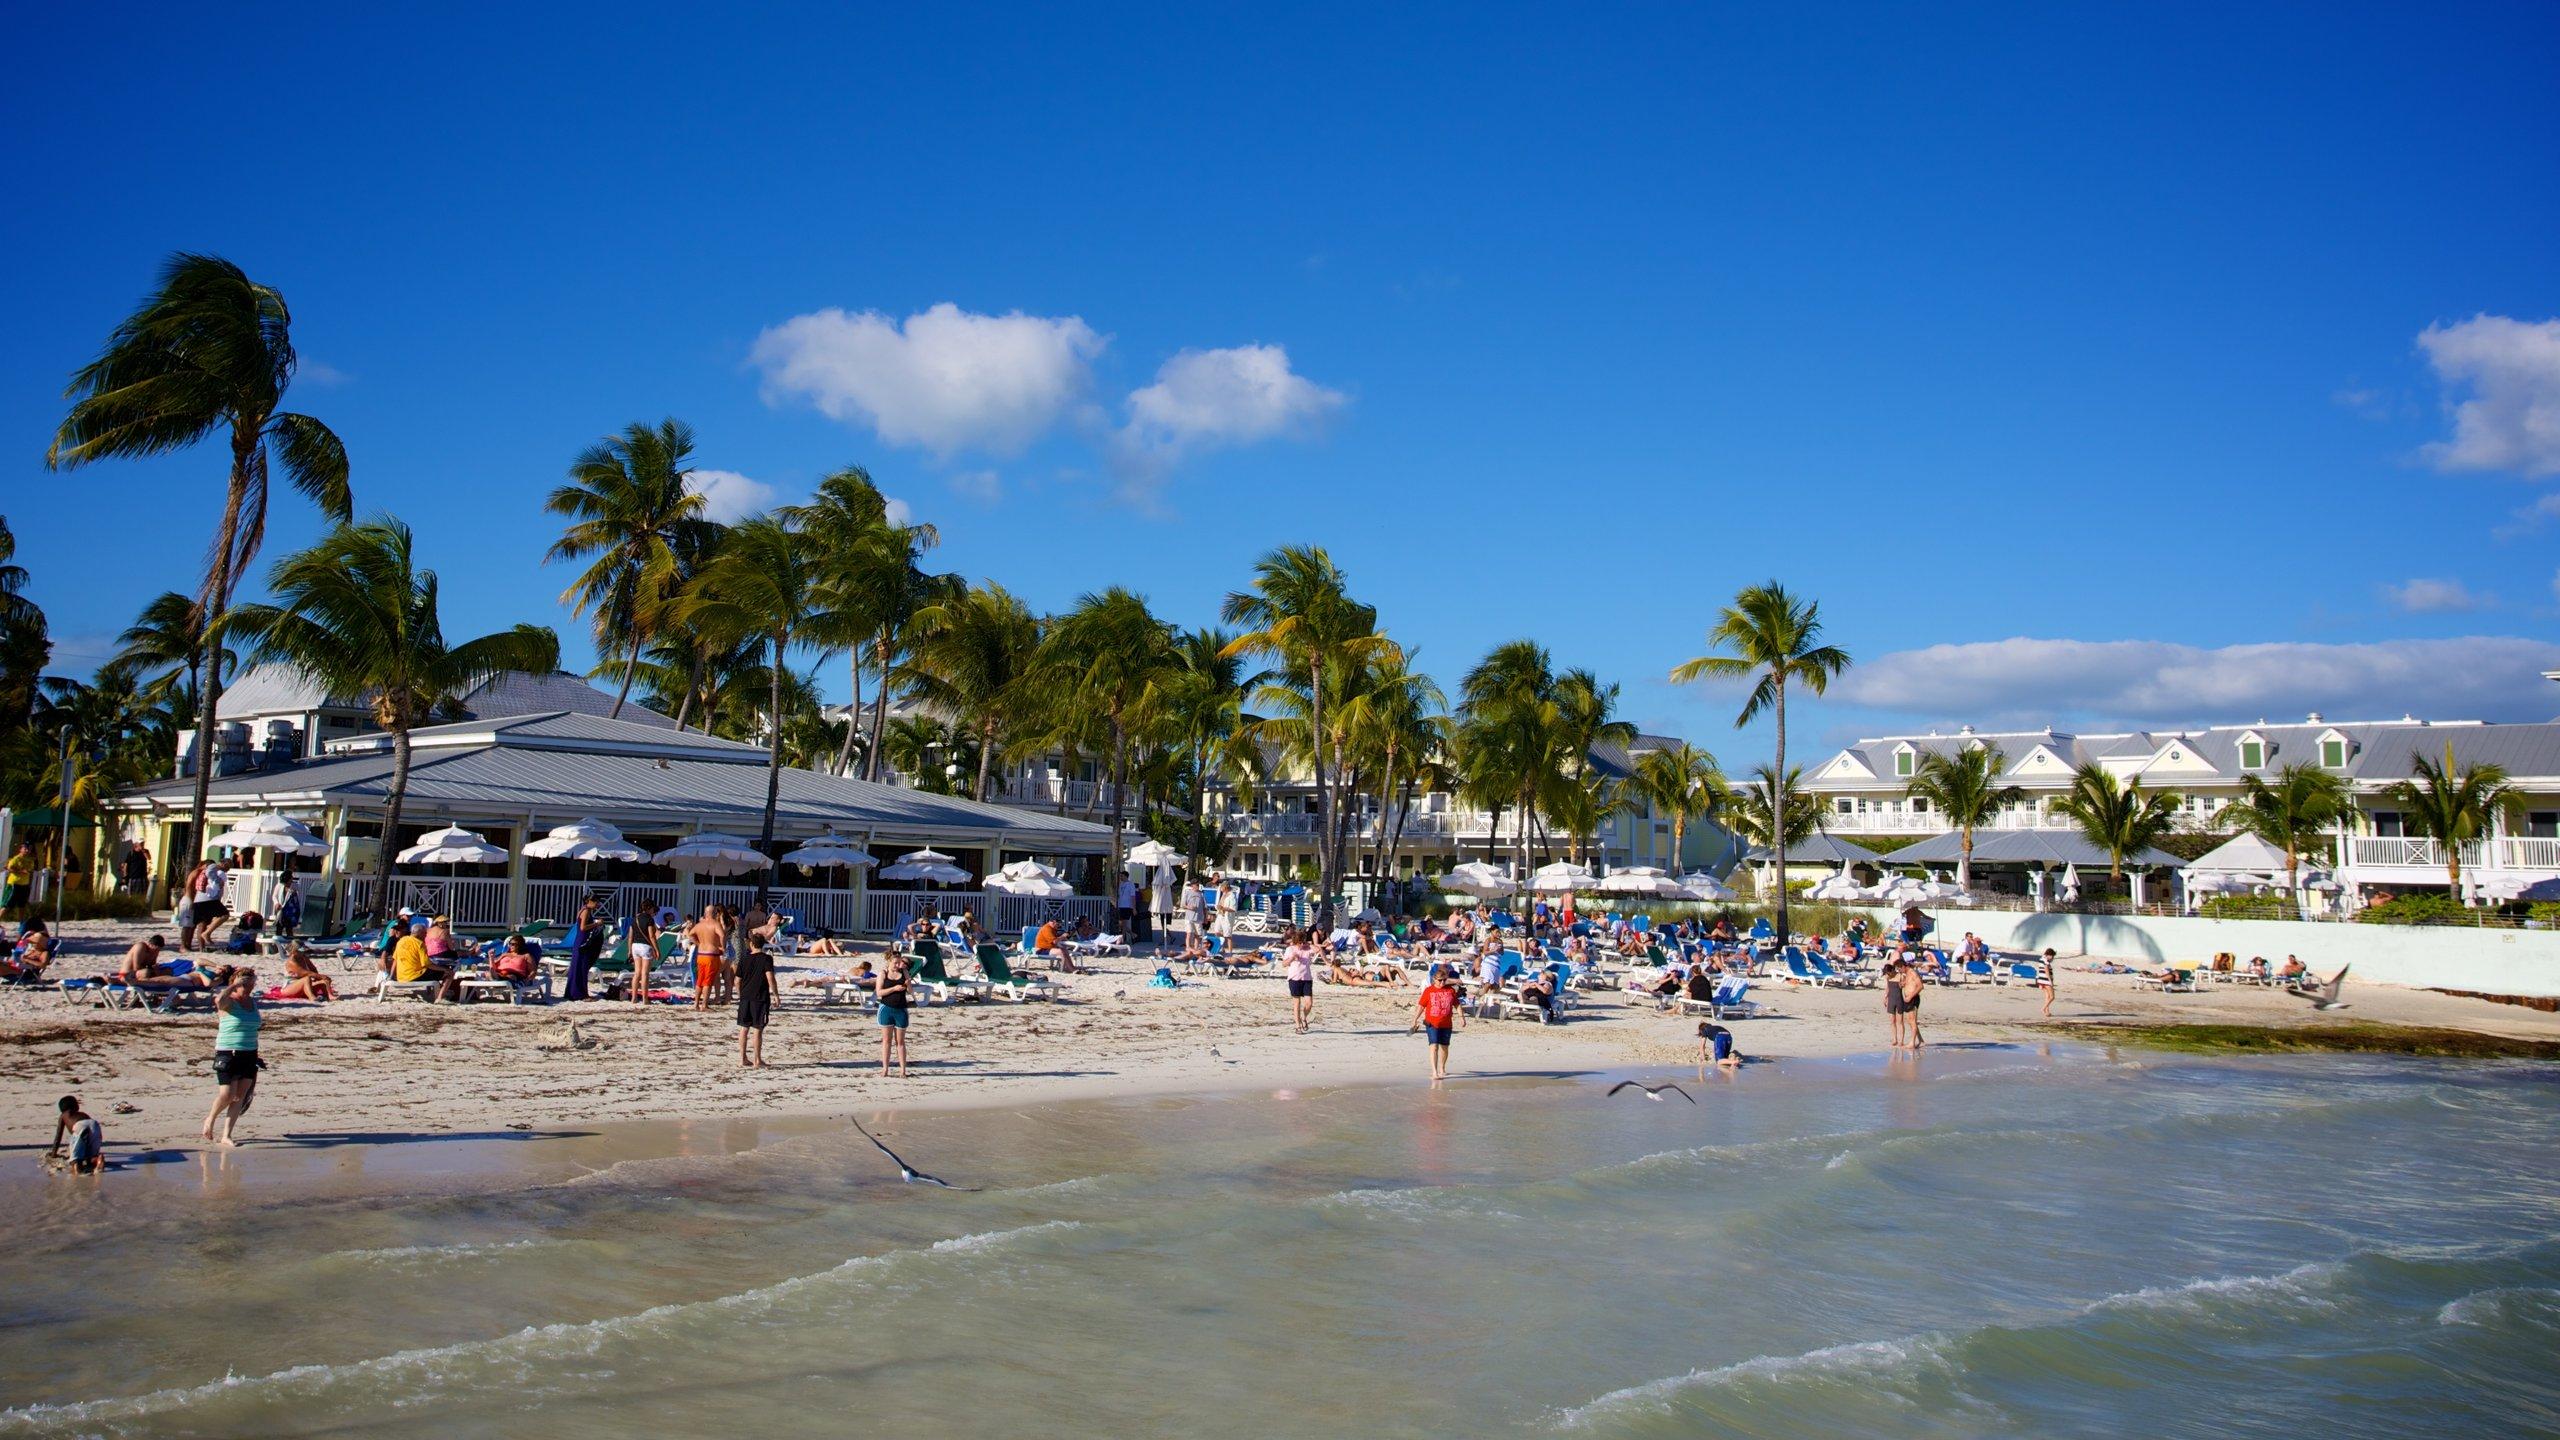 Florida Keys Beaches, Key West, Florida, United States of America